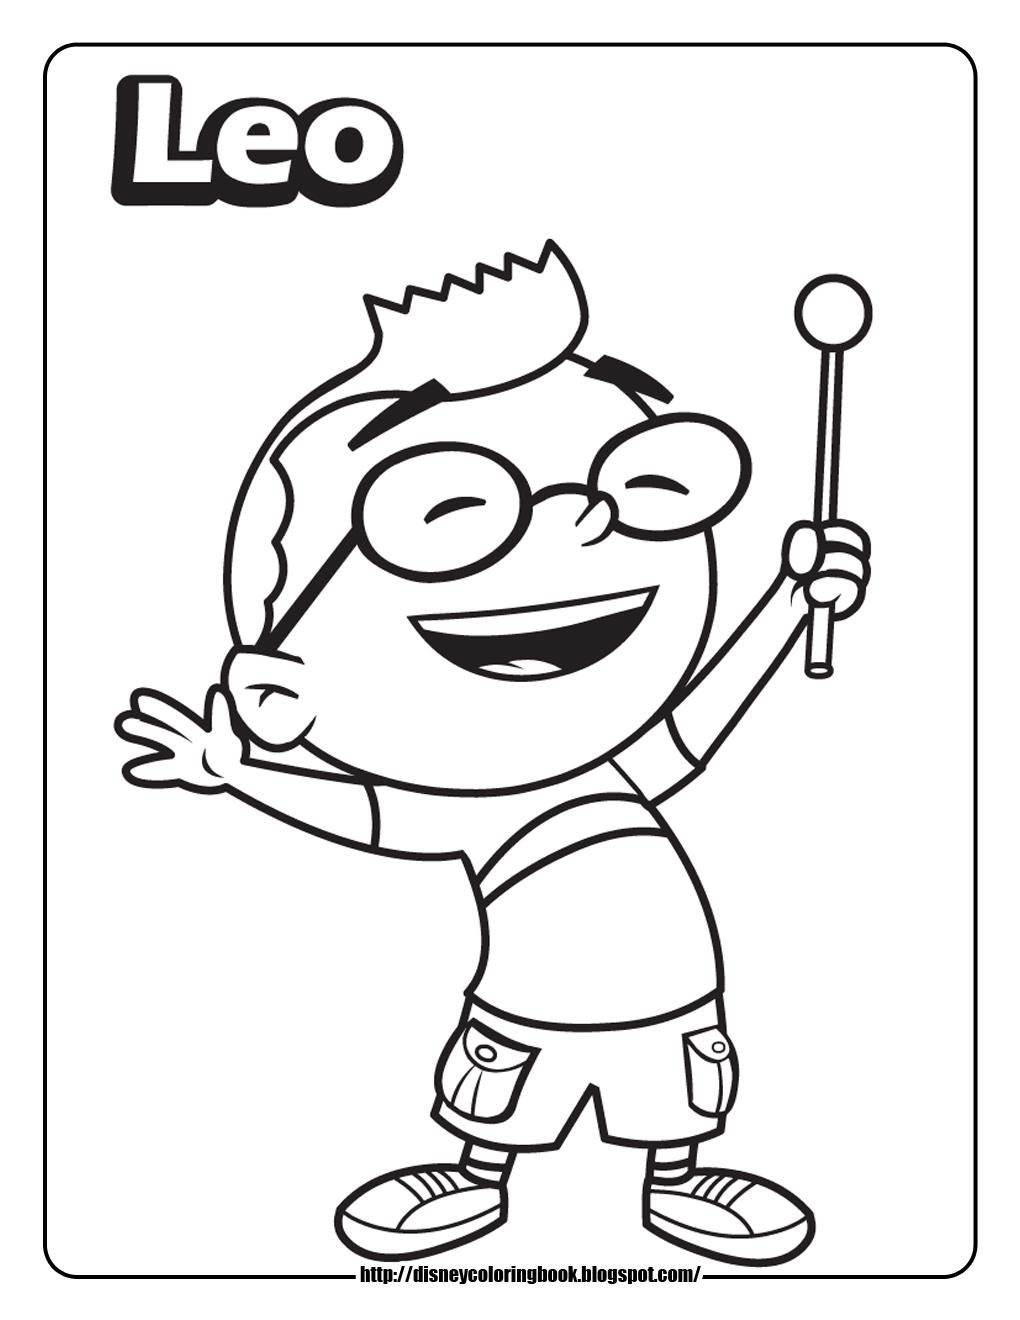 1020x1320 Little Einsteins Leo